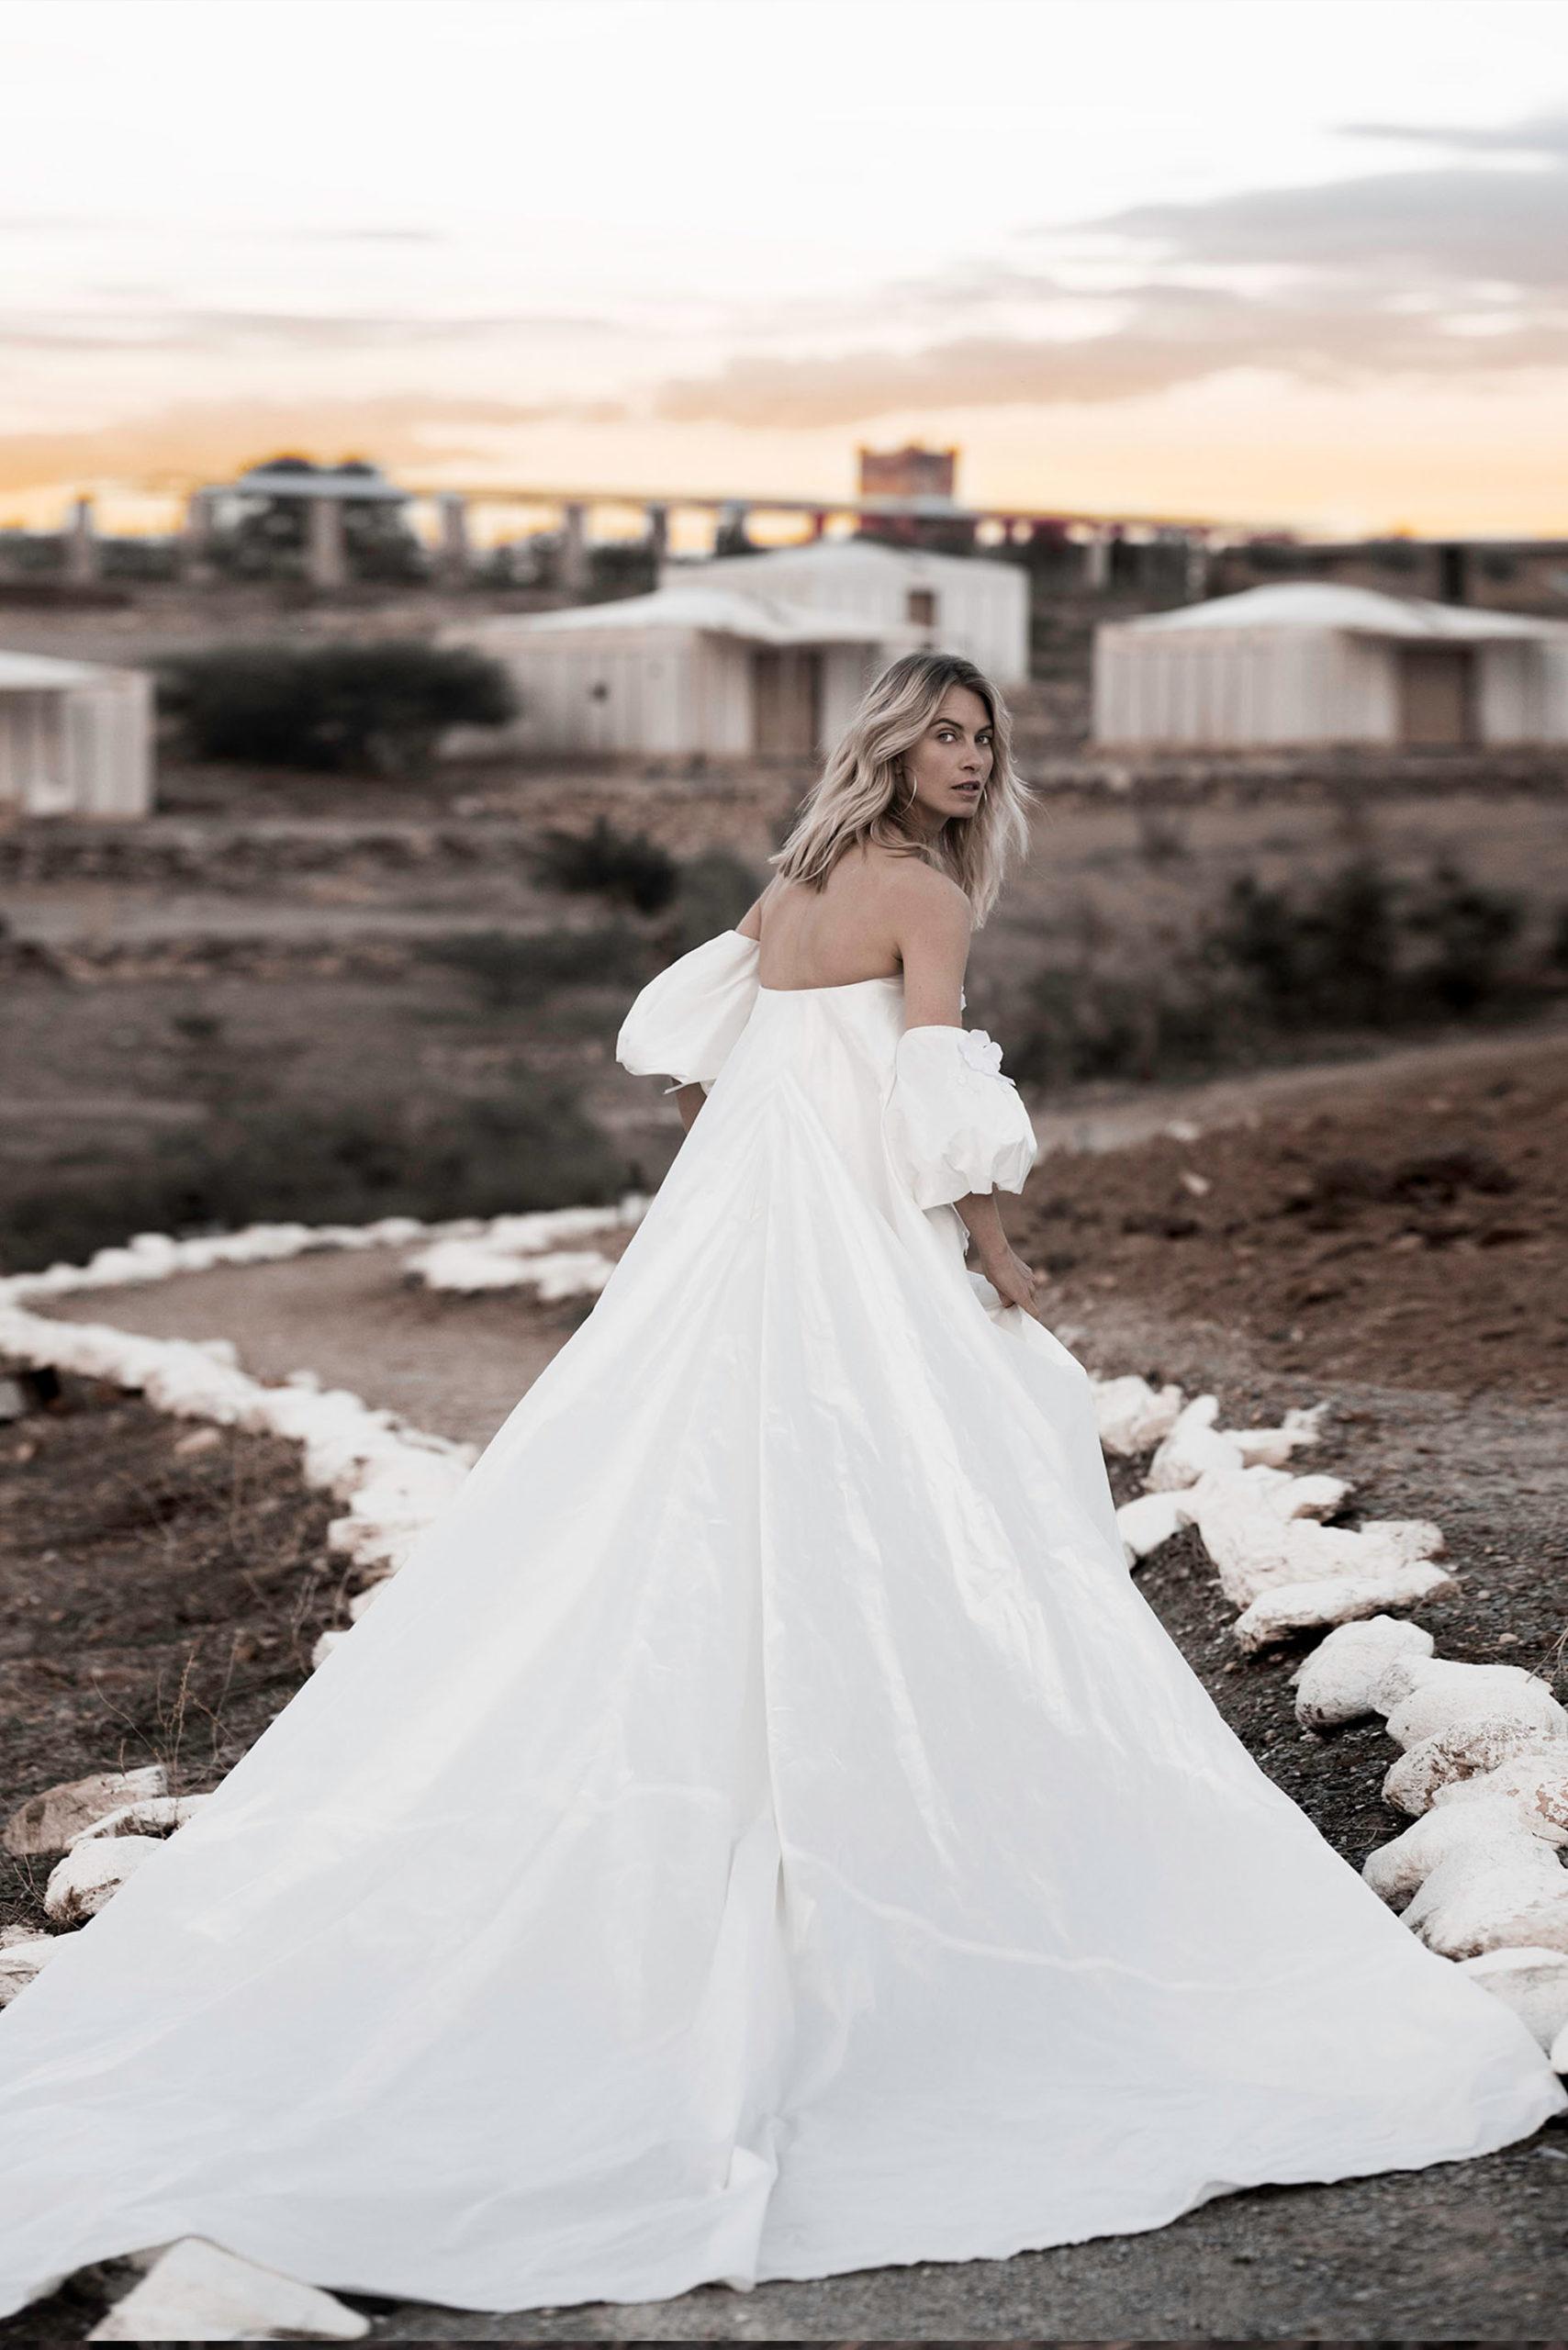 Atelier Edwin Oudshoorn wedding dress